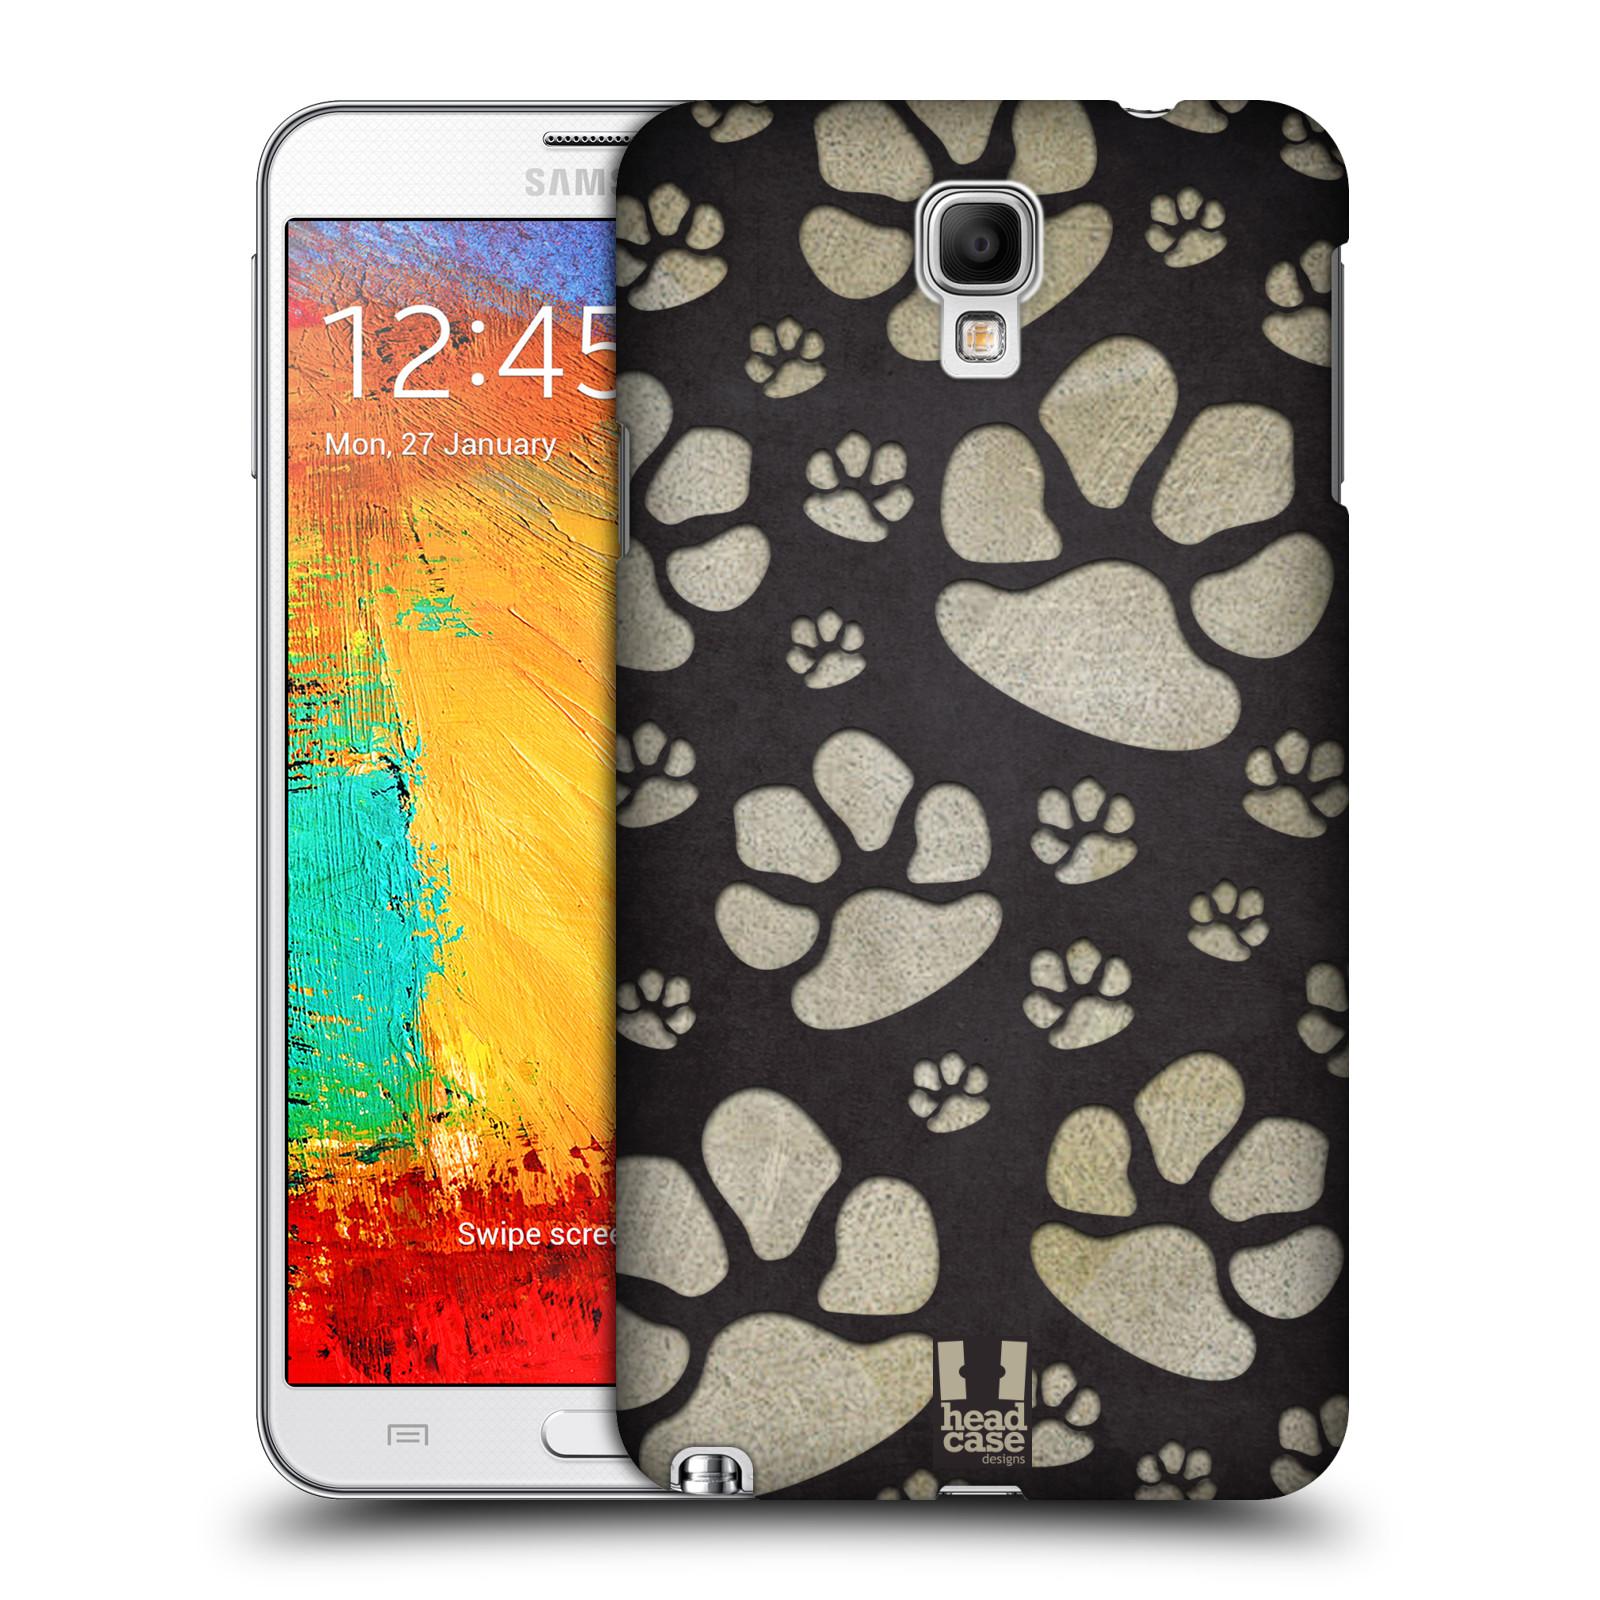 Plastové pouzdro na mobil Samsung Galaxy Note 3 Neo HEAD CASE TLAPKY ŠEDÉ (Kryt či obal na mobilní telefon Samsung Galaxy Note 3 Neo SM-N7505)